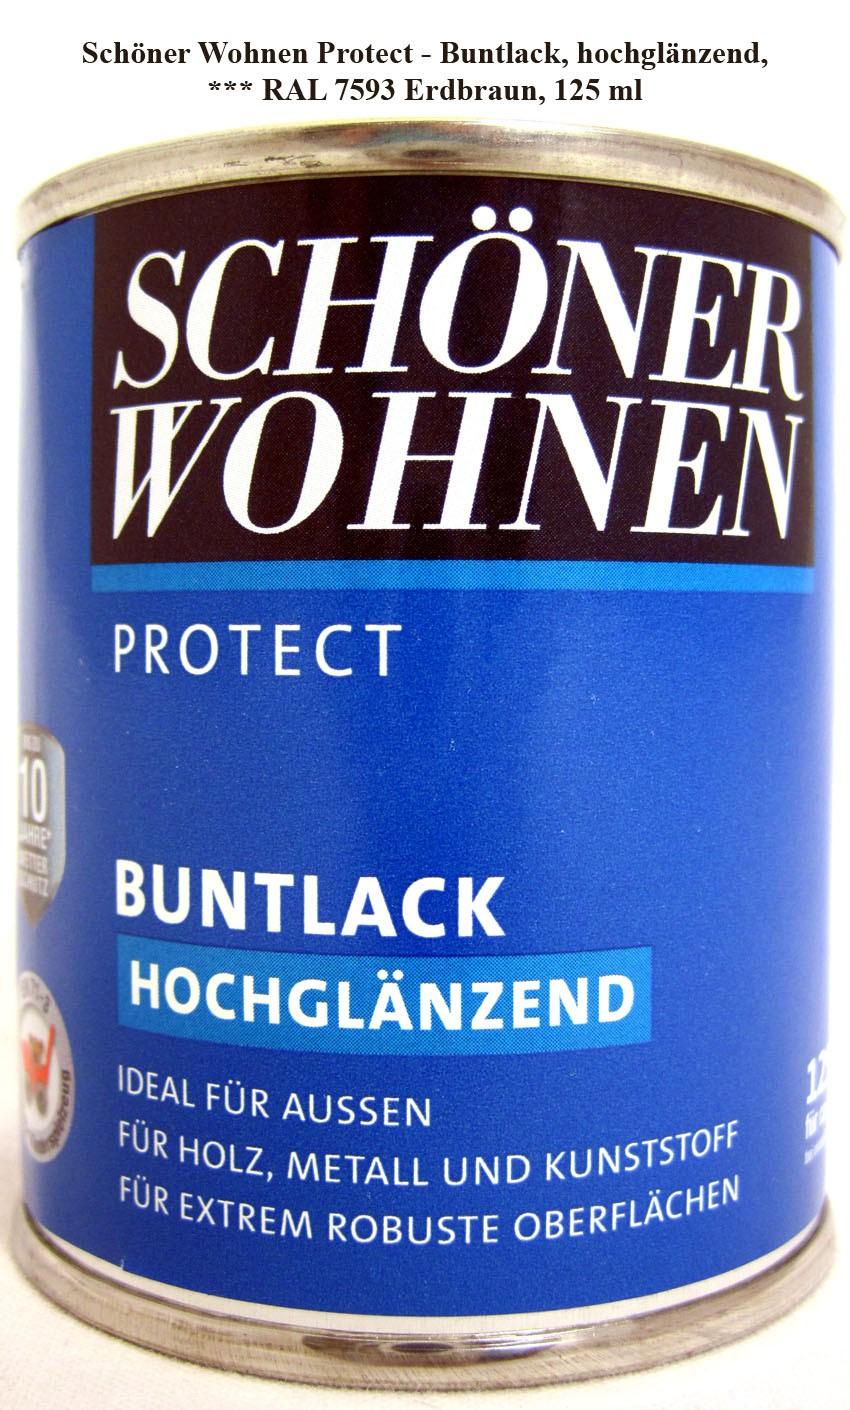 Protect Buntlack 125 ml, 7593 Erdbraun hochglänzend, Alkydharzlack SW